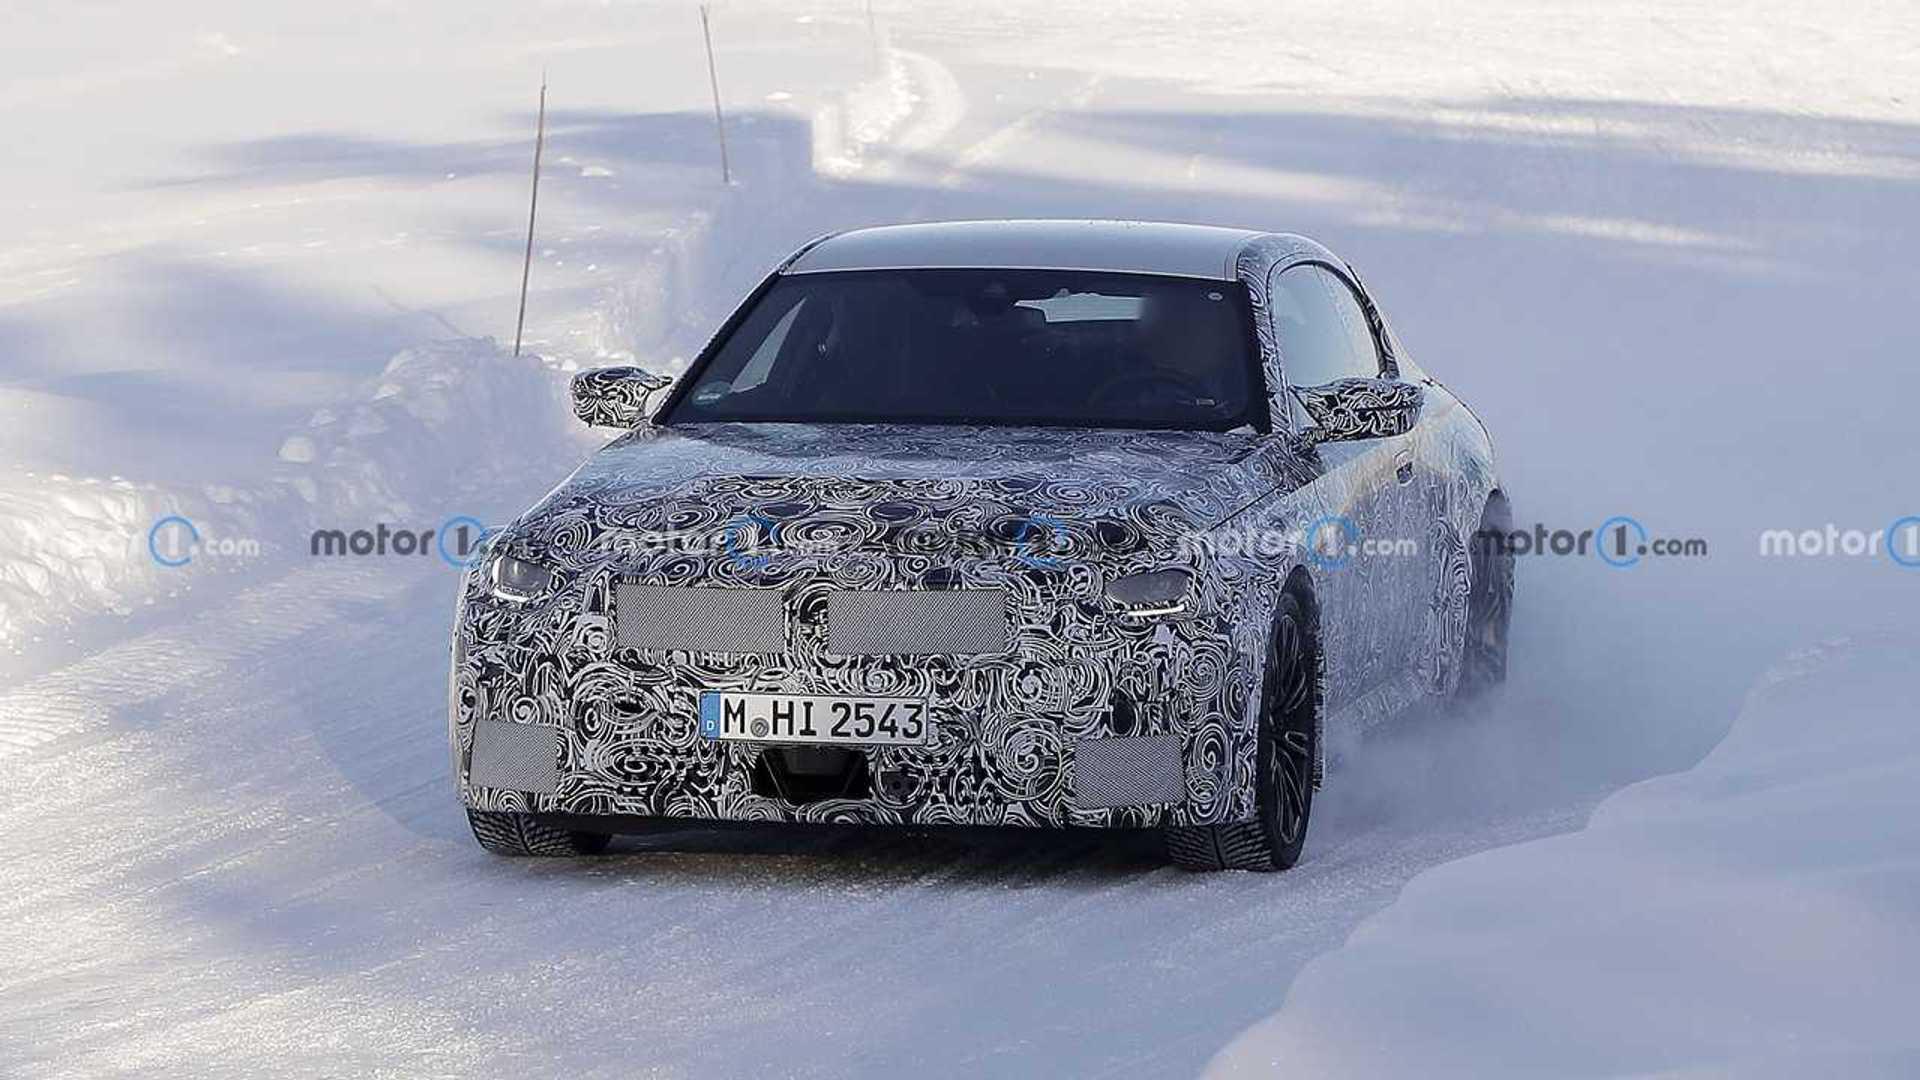 2023 BMW M2 spy photo